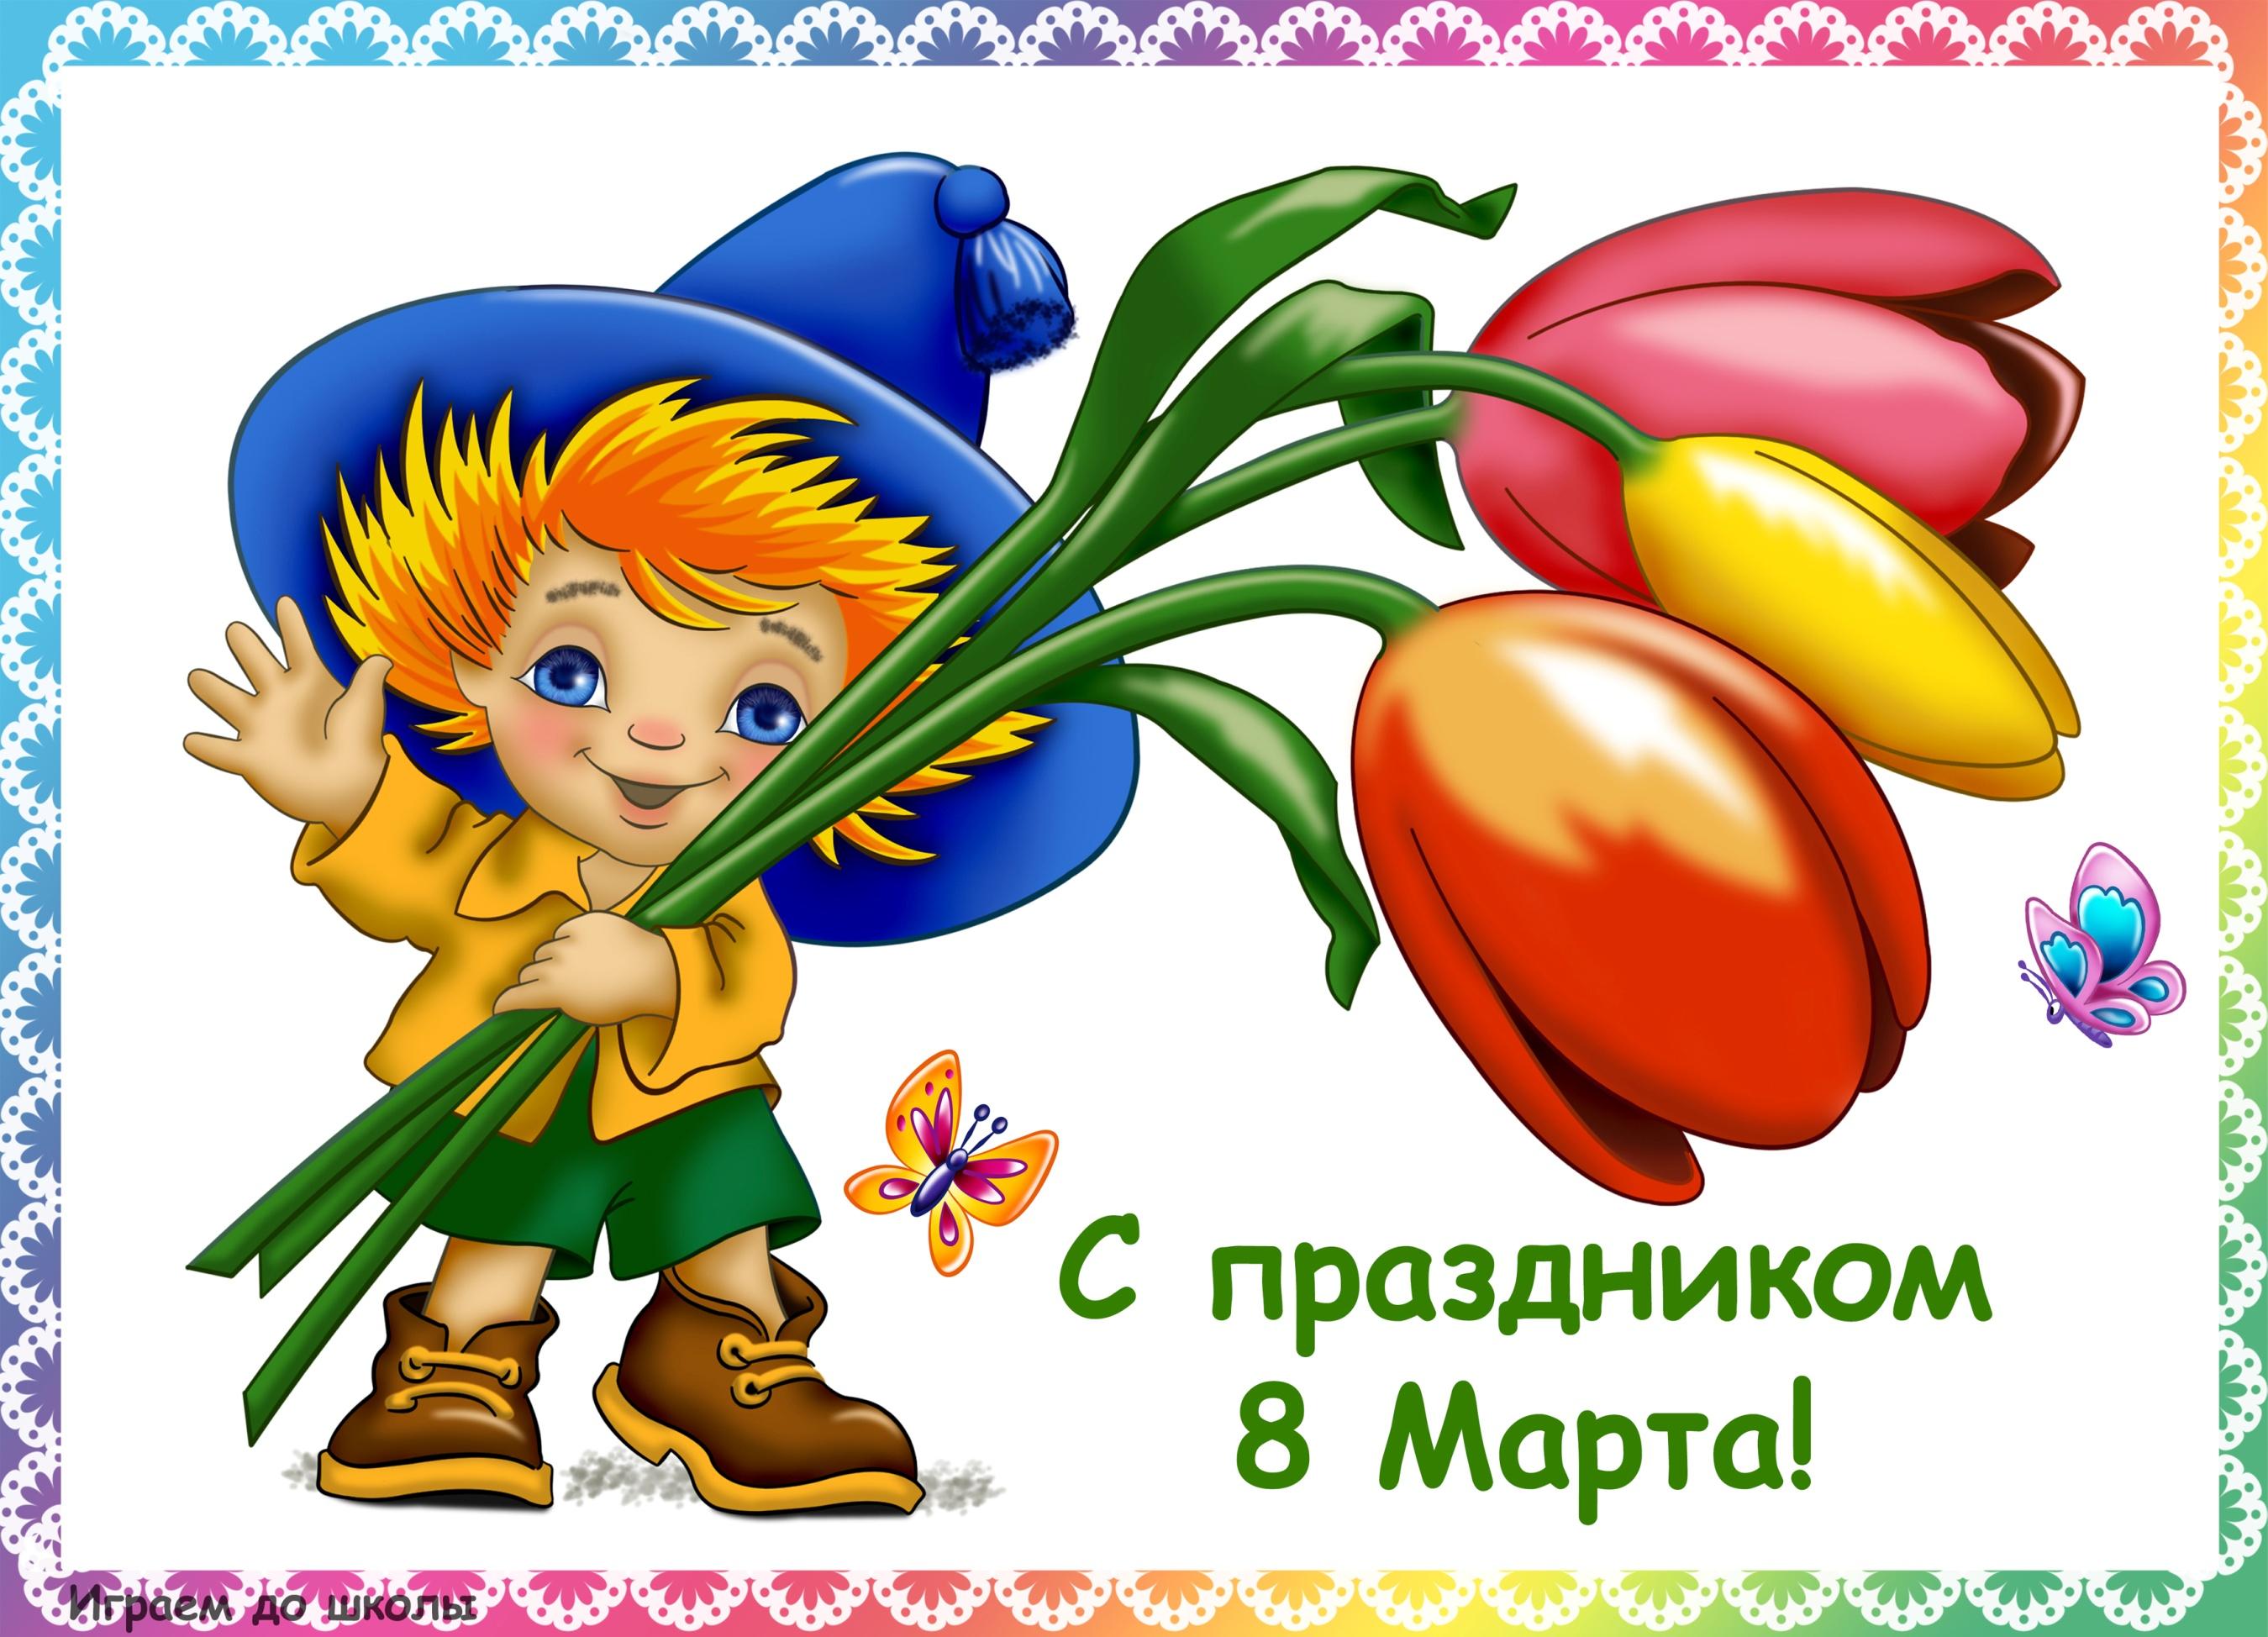 I:\8.03-мероприятия\русские красавицы\пазл\plakat_8_marta a4.jpg